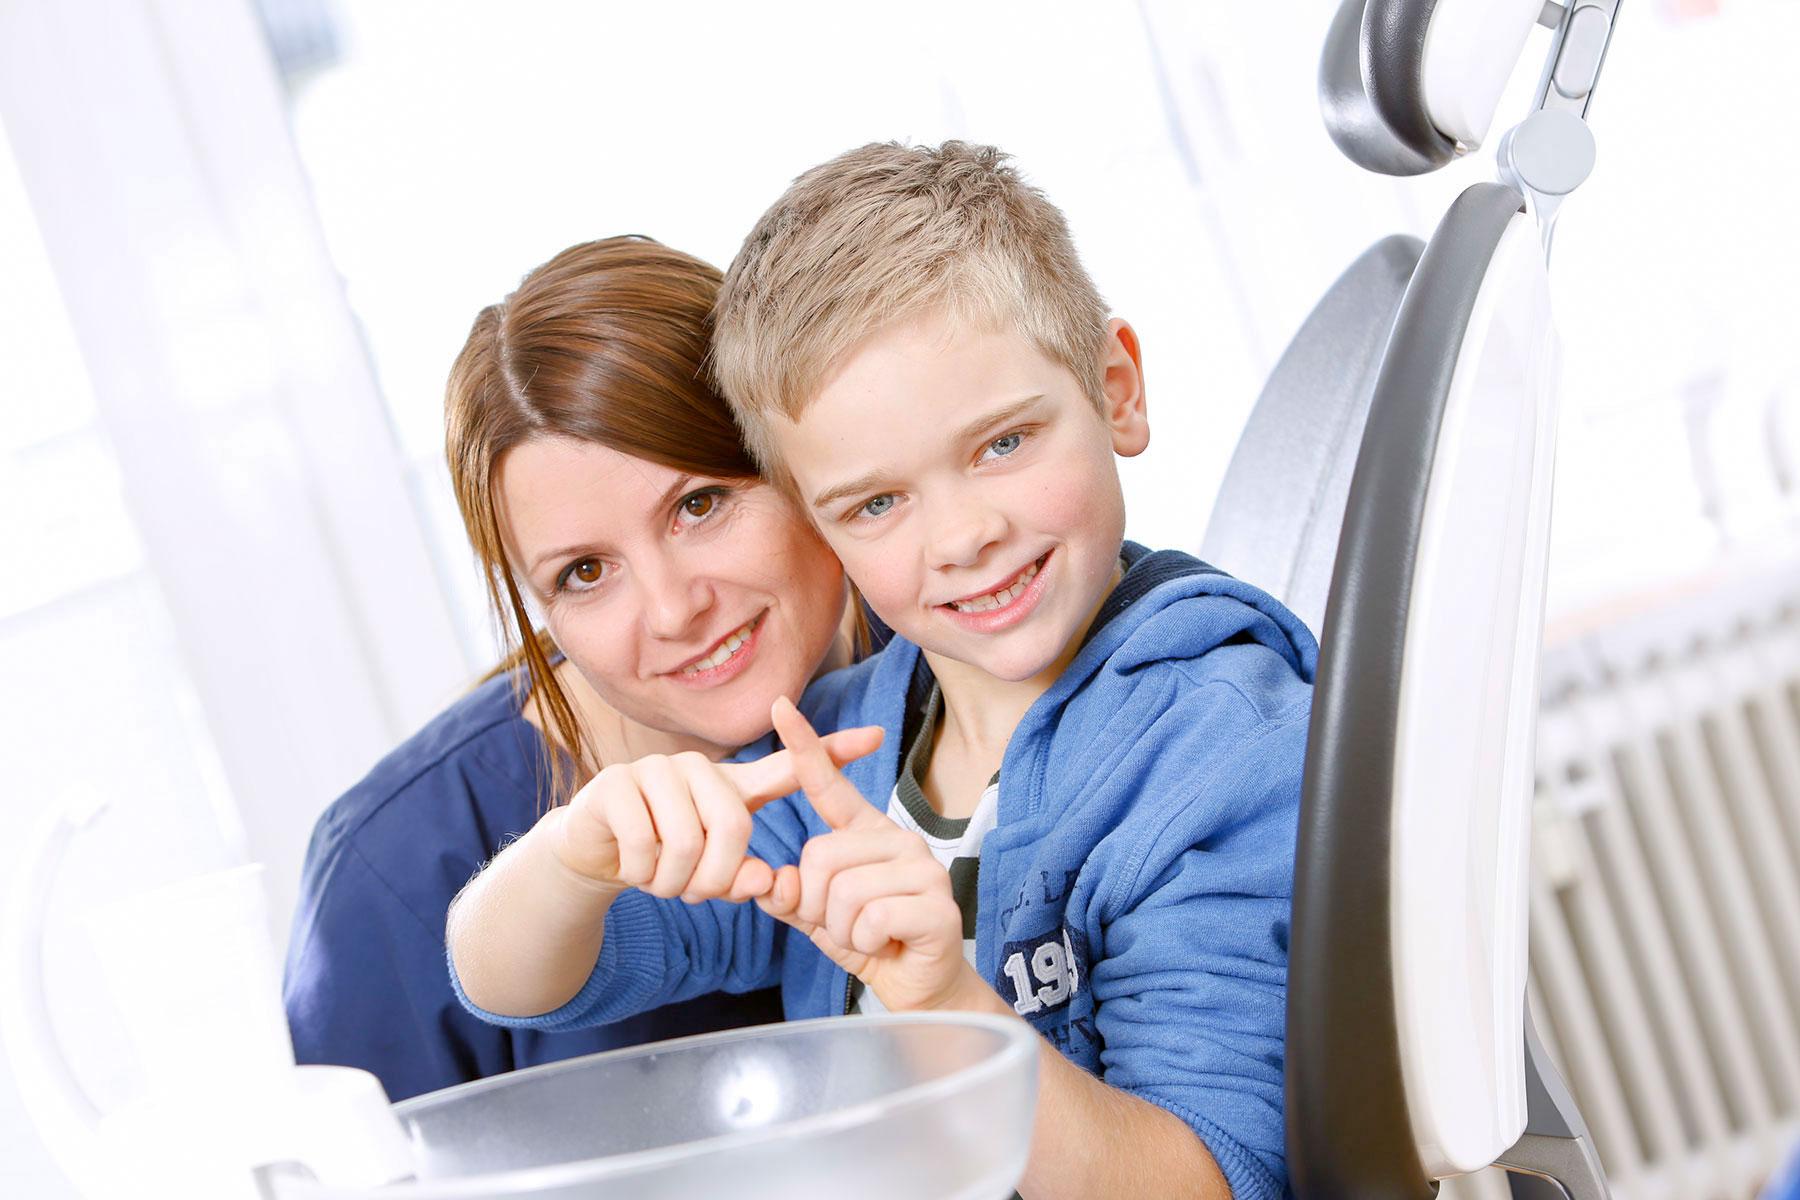 Zahnärzte Grundmann - Kinderzahnheilkunde